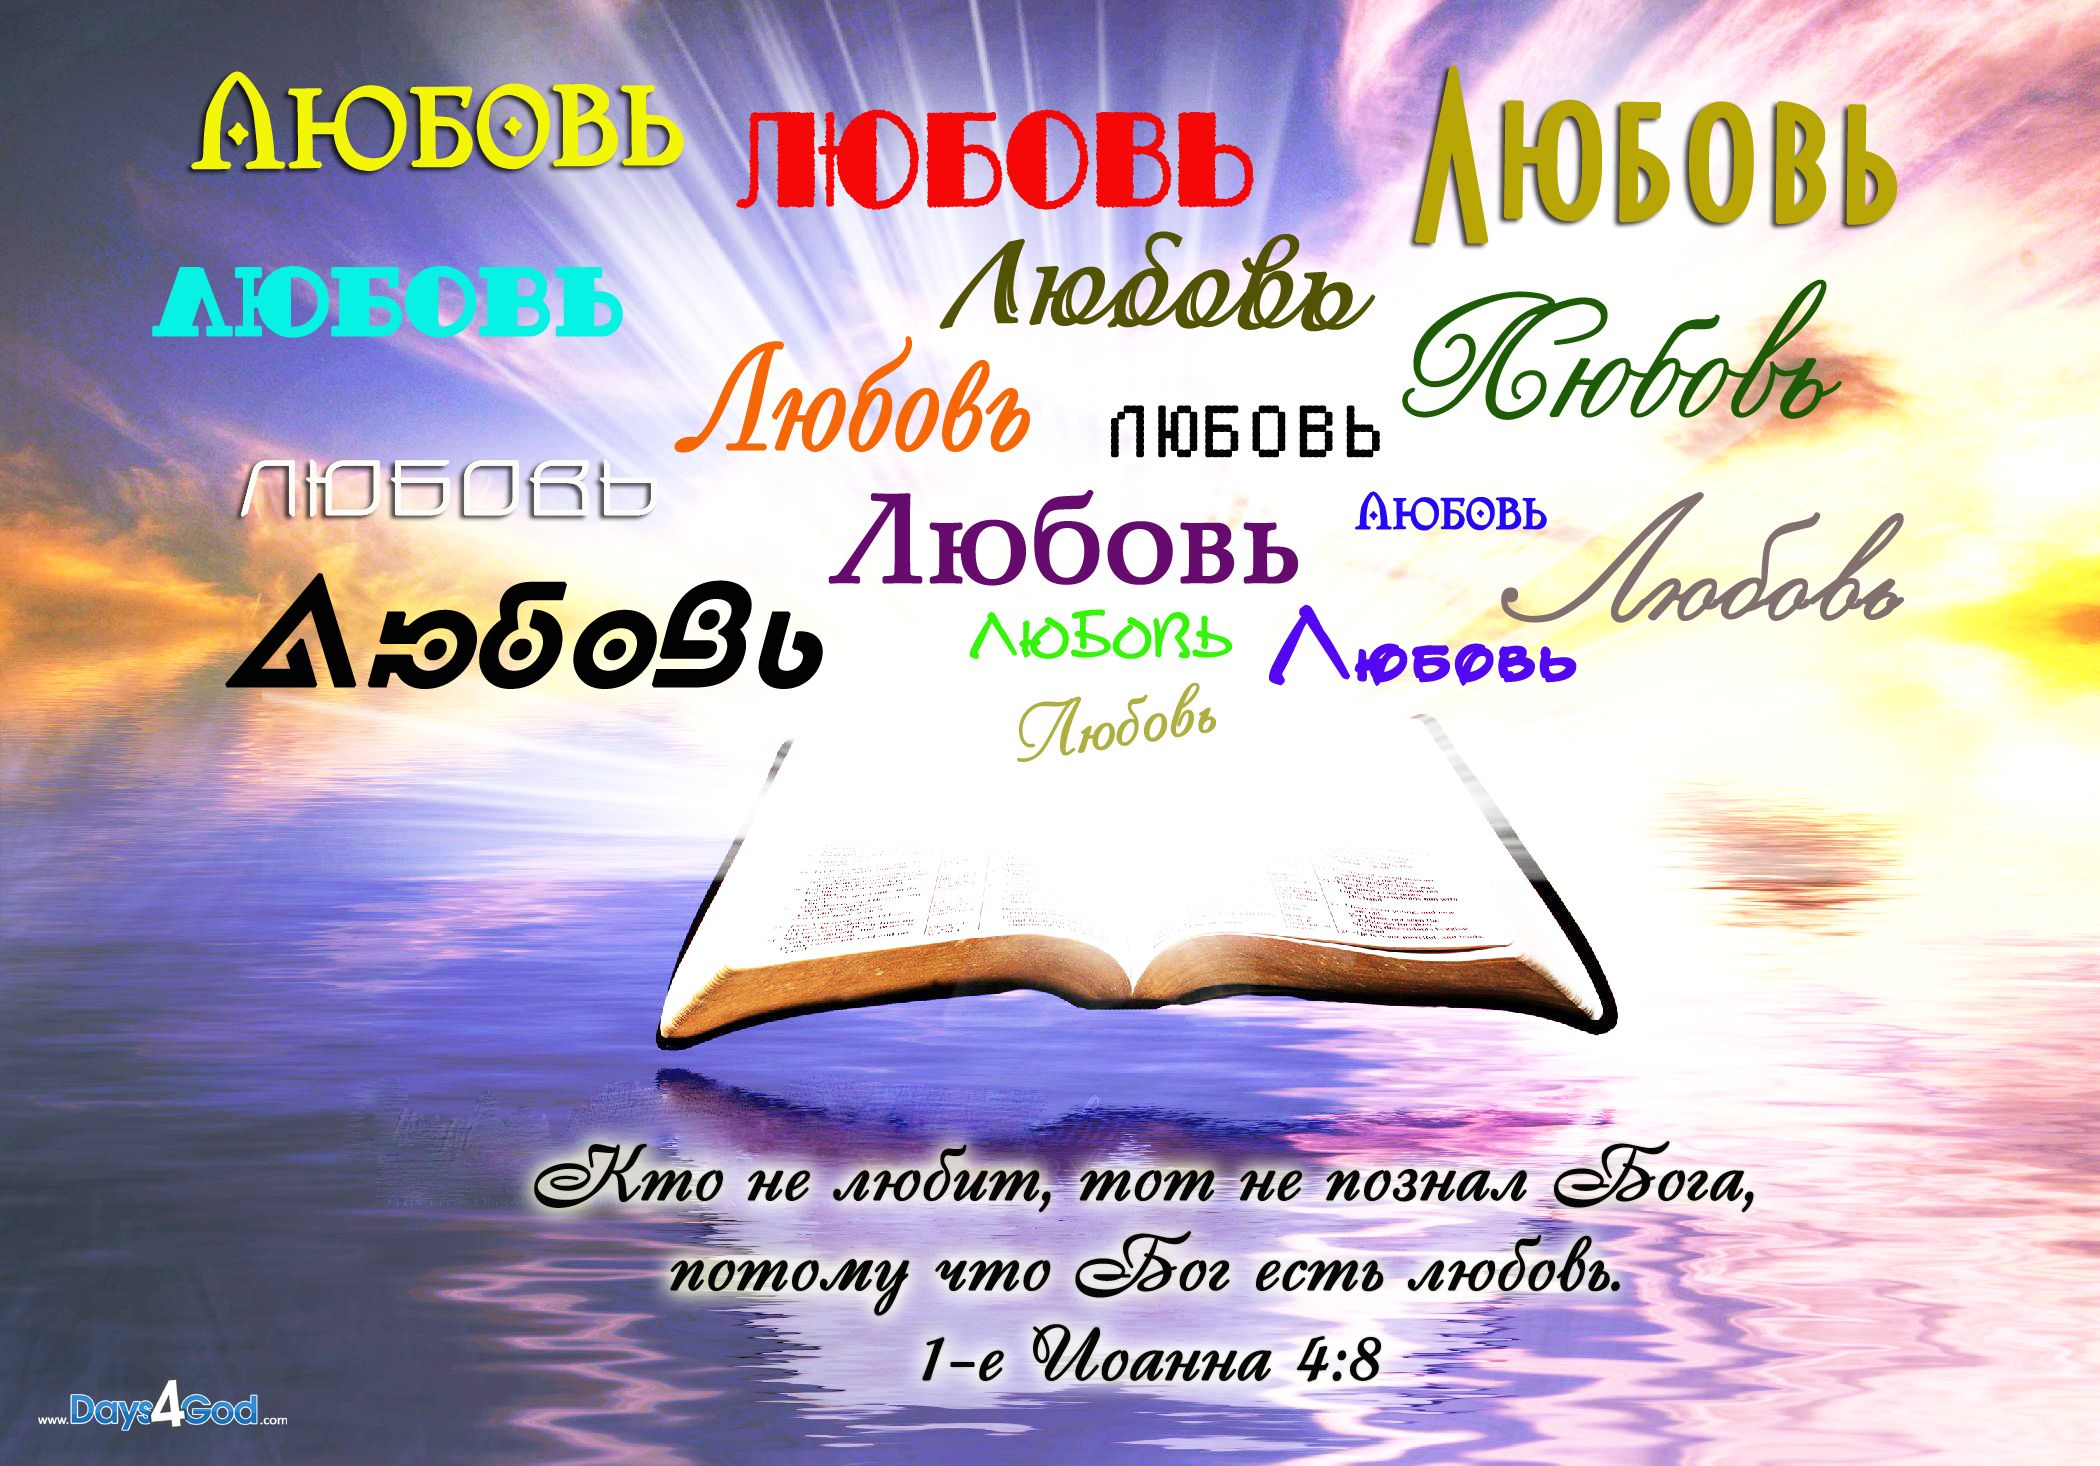 Христианские рисунки с надписями из библии